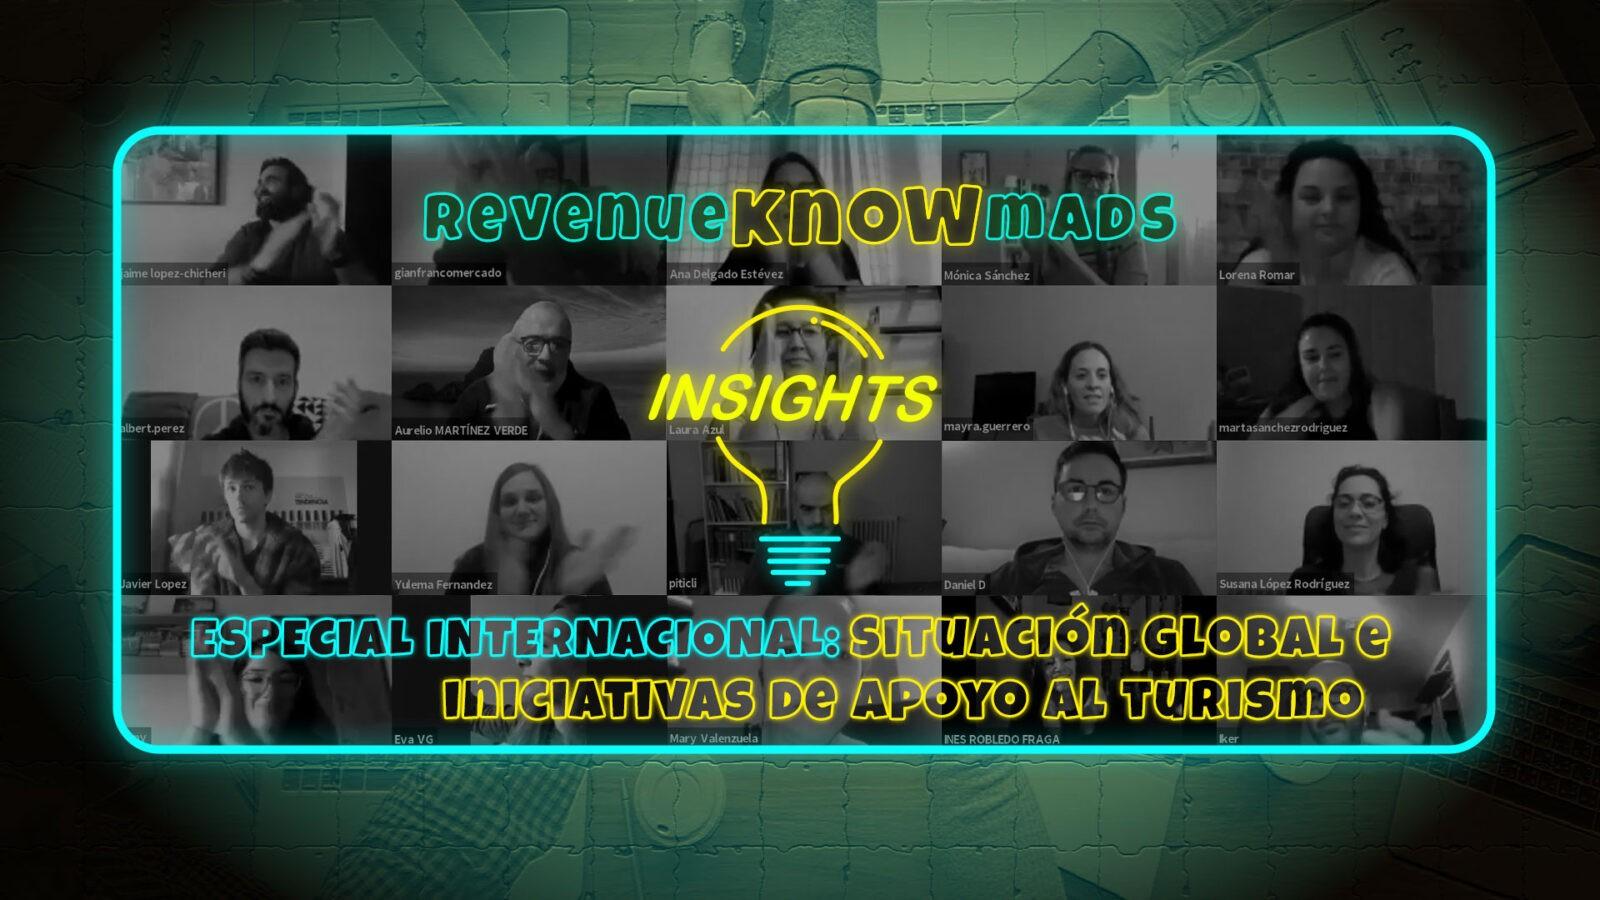 RevenueKnowmads Insight Internacional